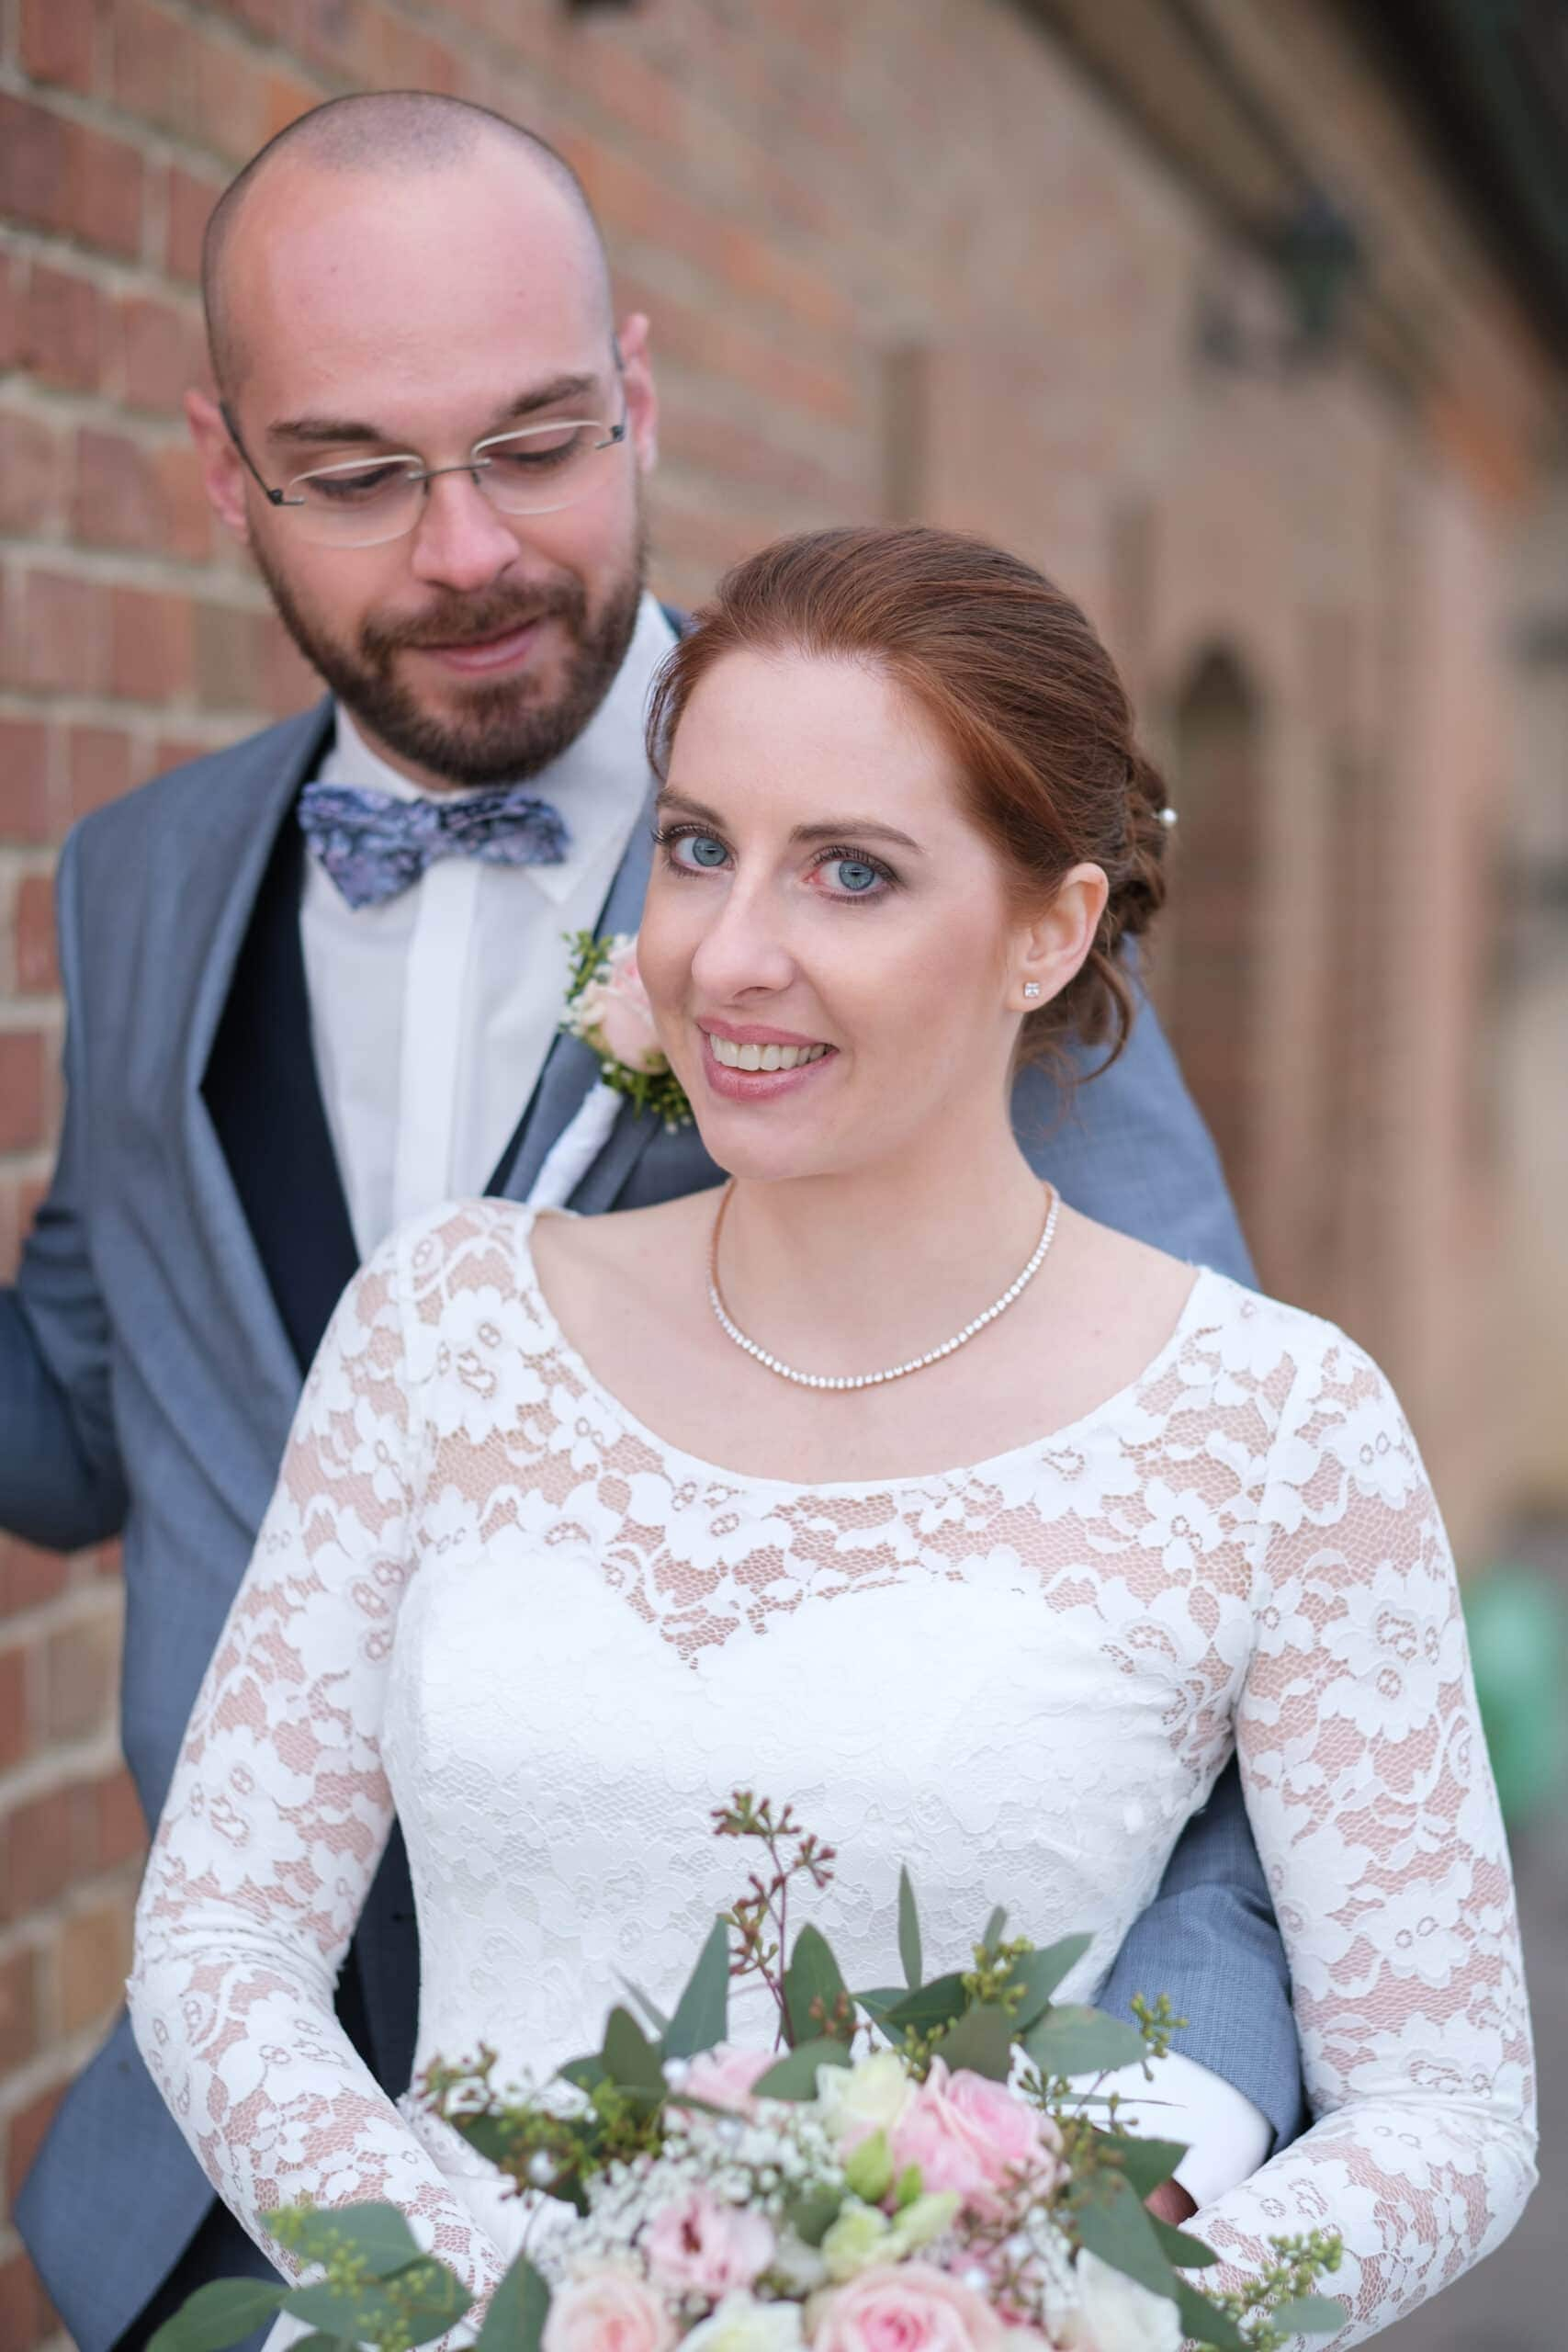 Hochzeit Brautpaar Porträt